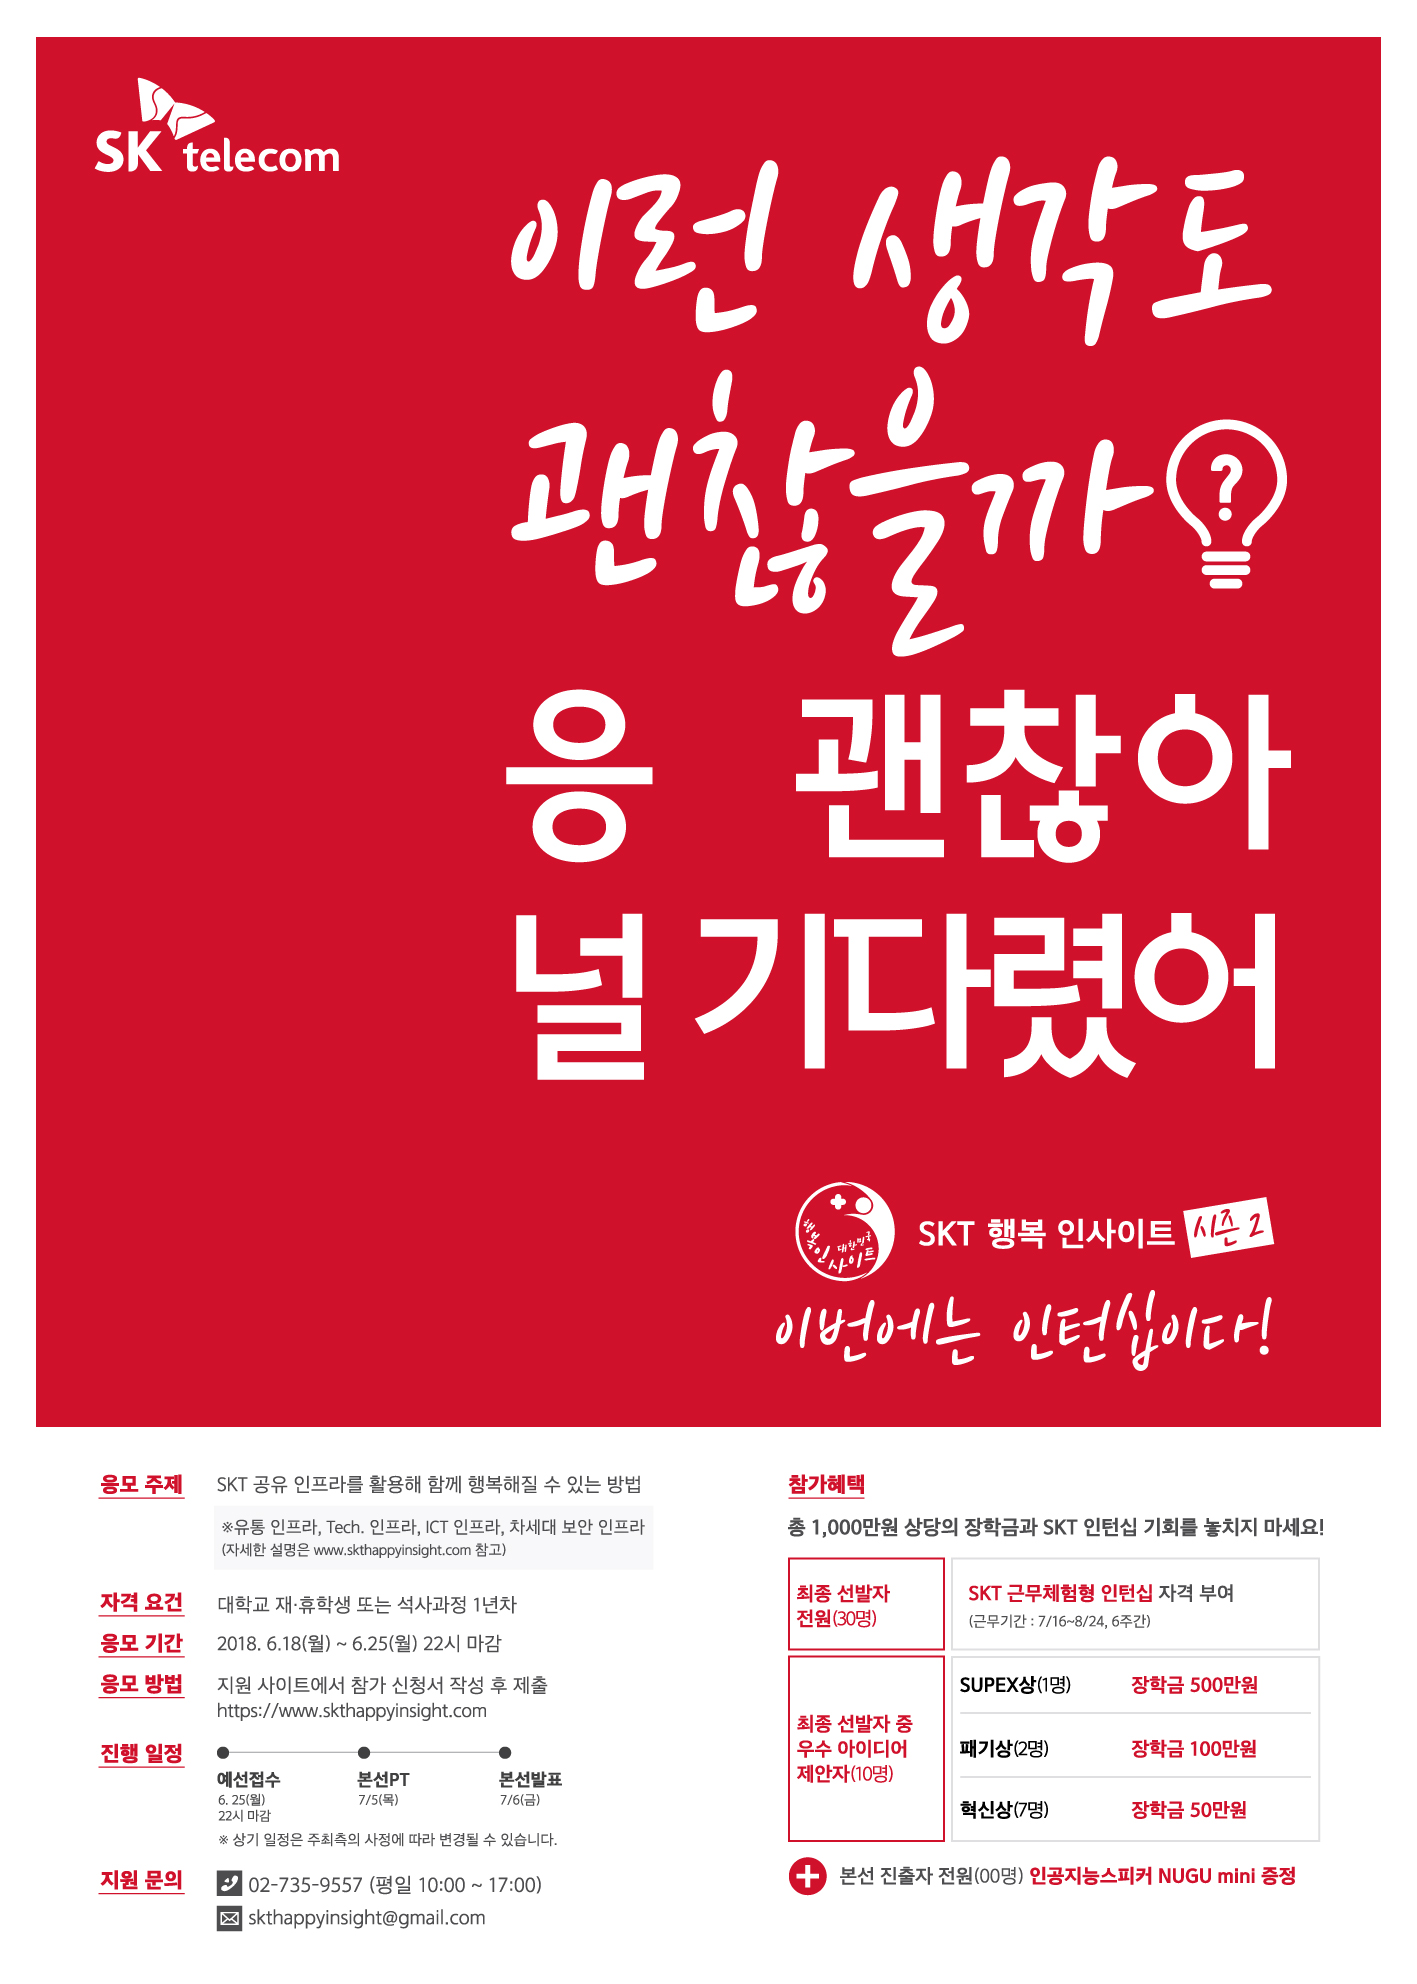 SKT 행복 인사이트 포스터.jpg